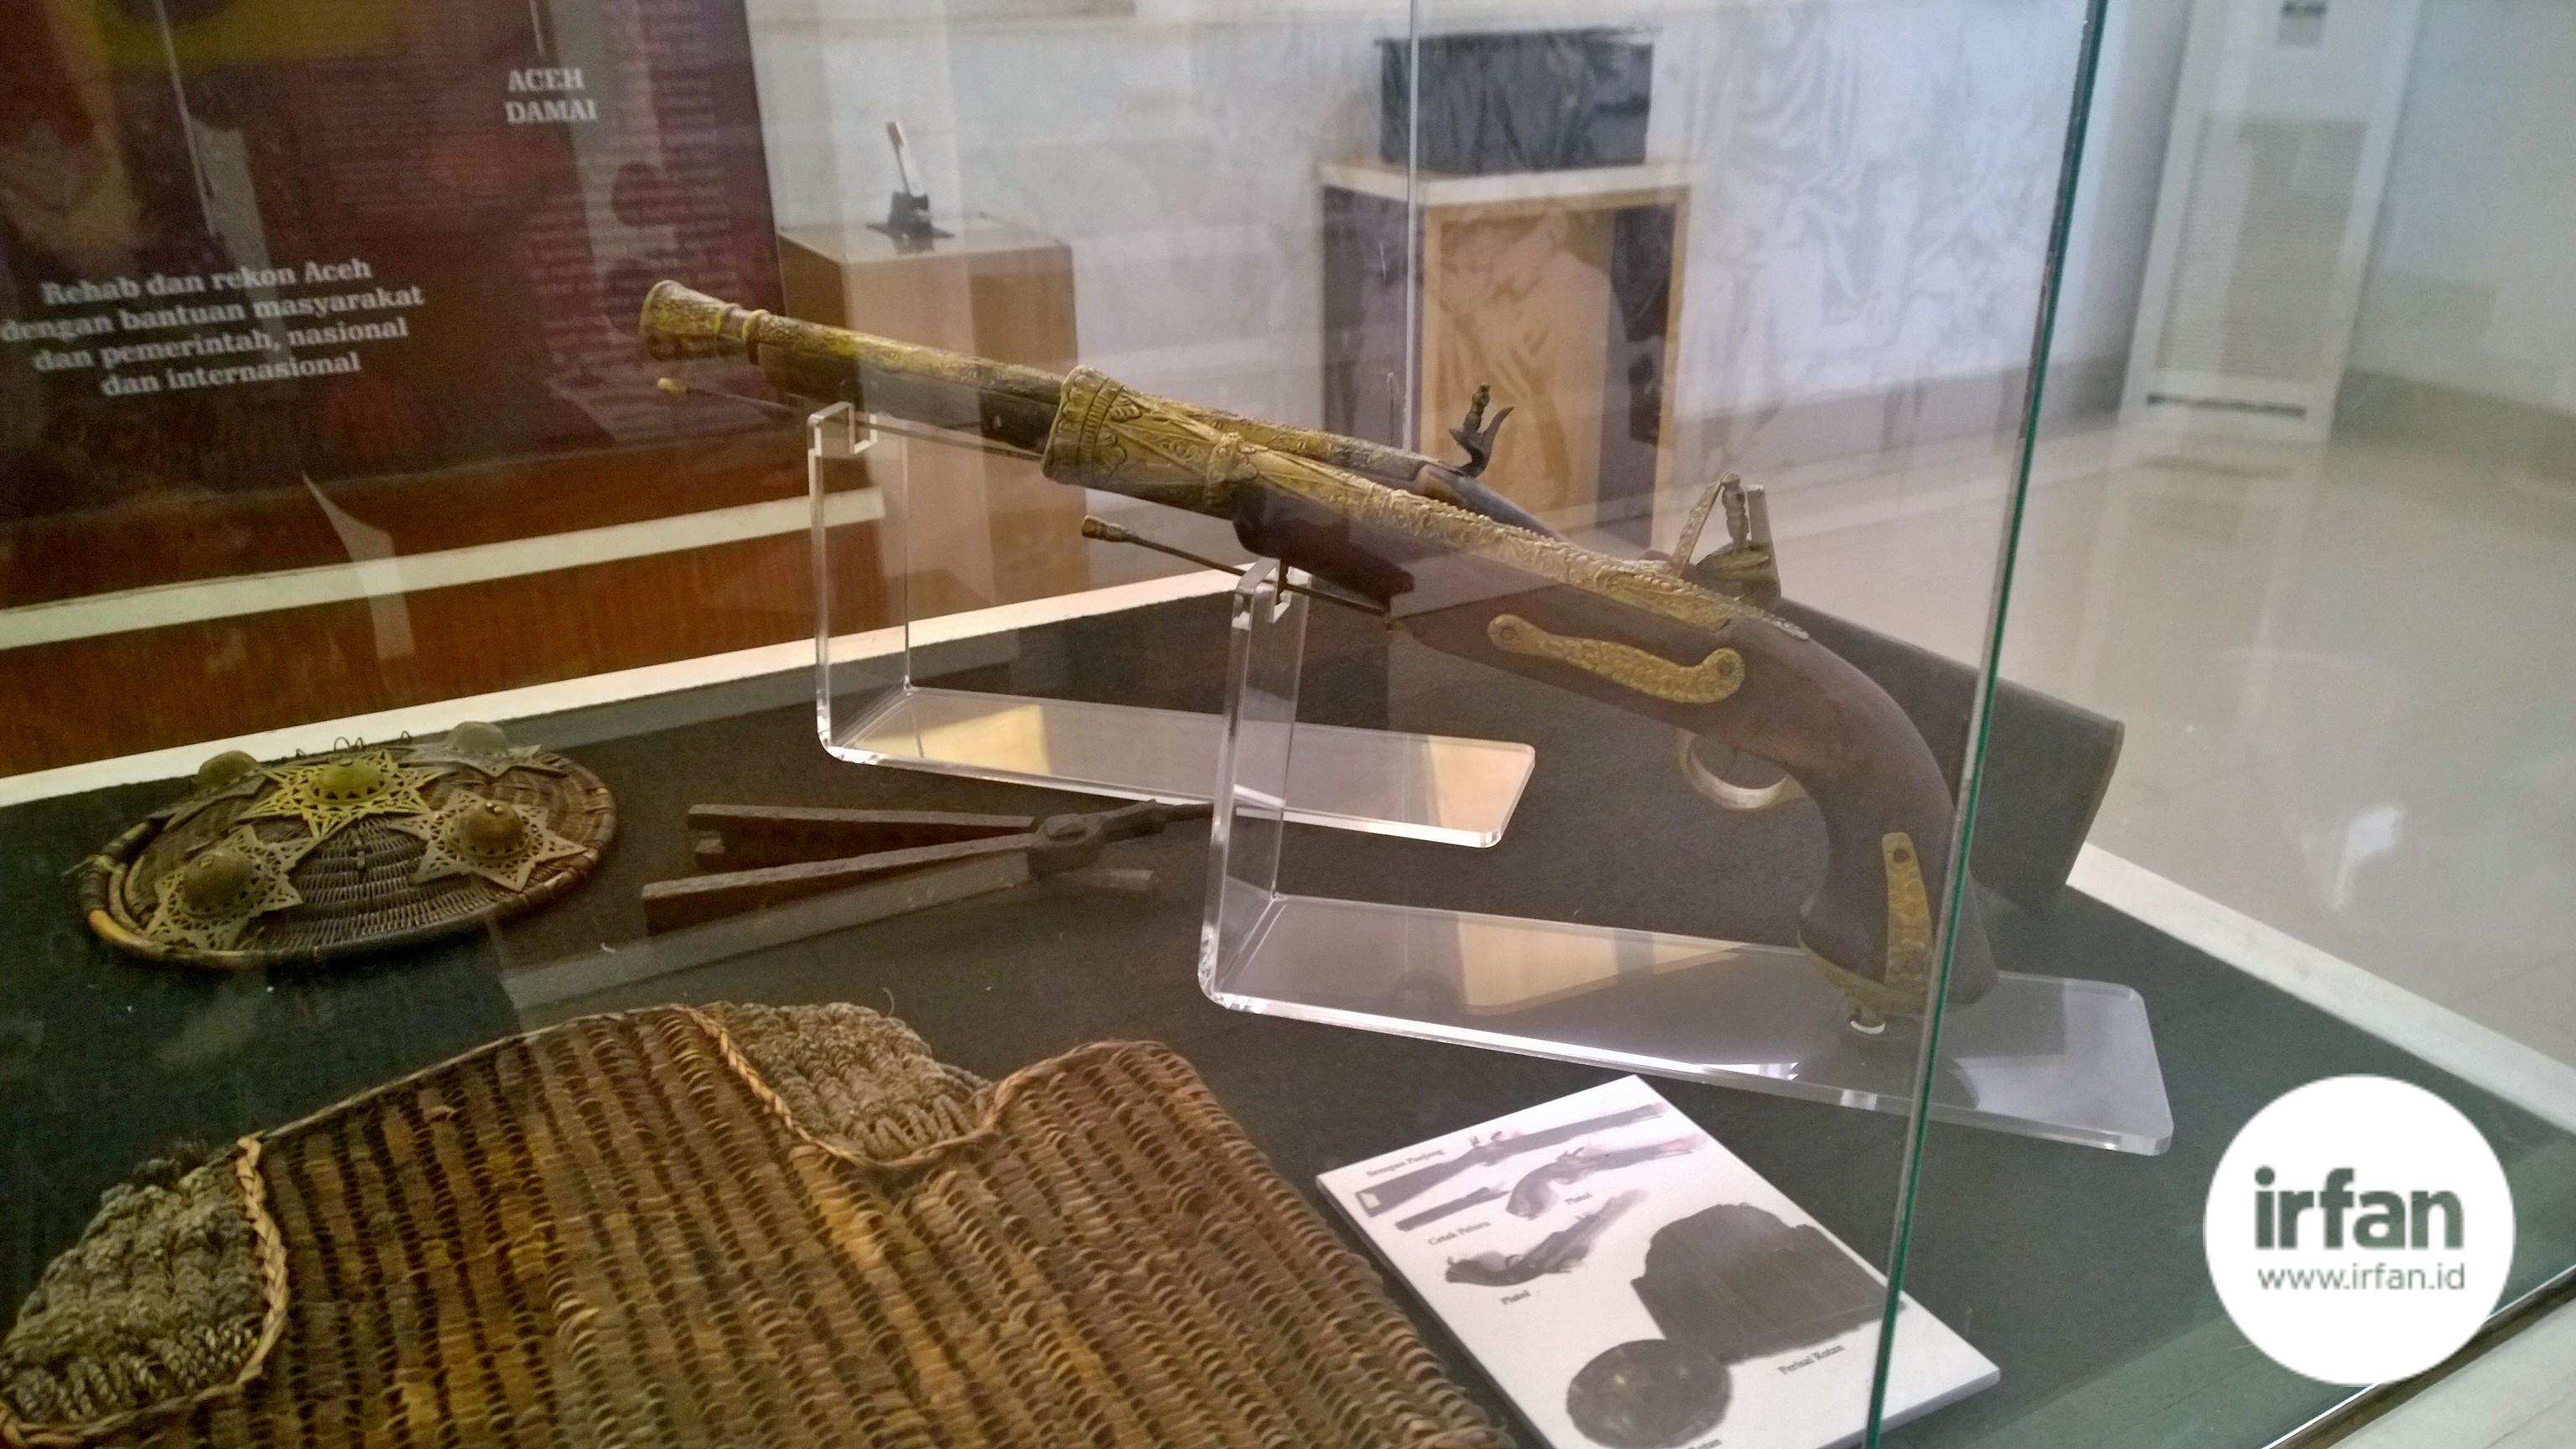 FOTO: Museum Negeri Aceh, Wisata Sejarah Yang Wajib Dikunjungi 17